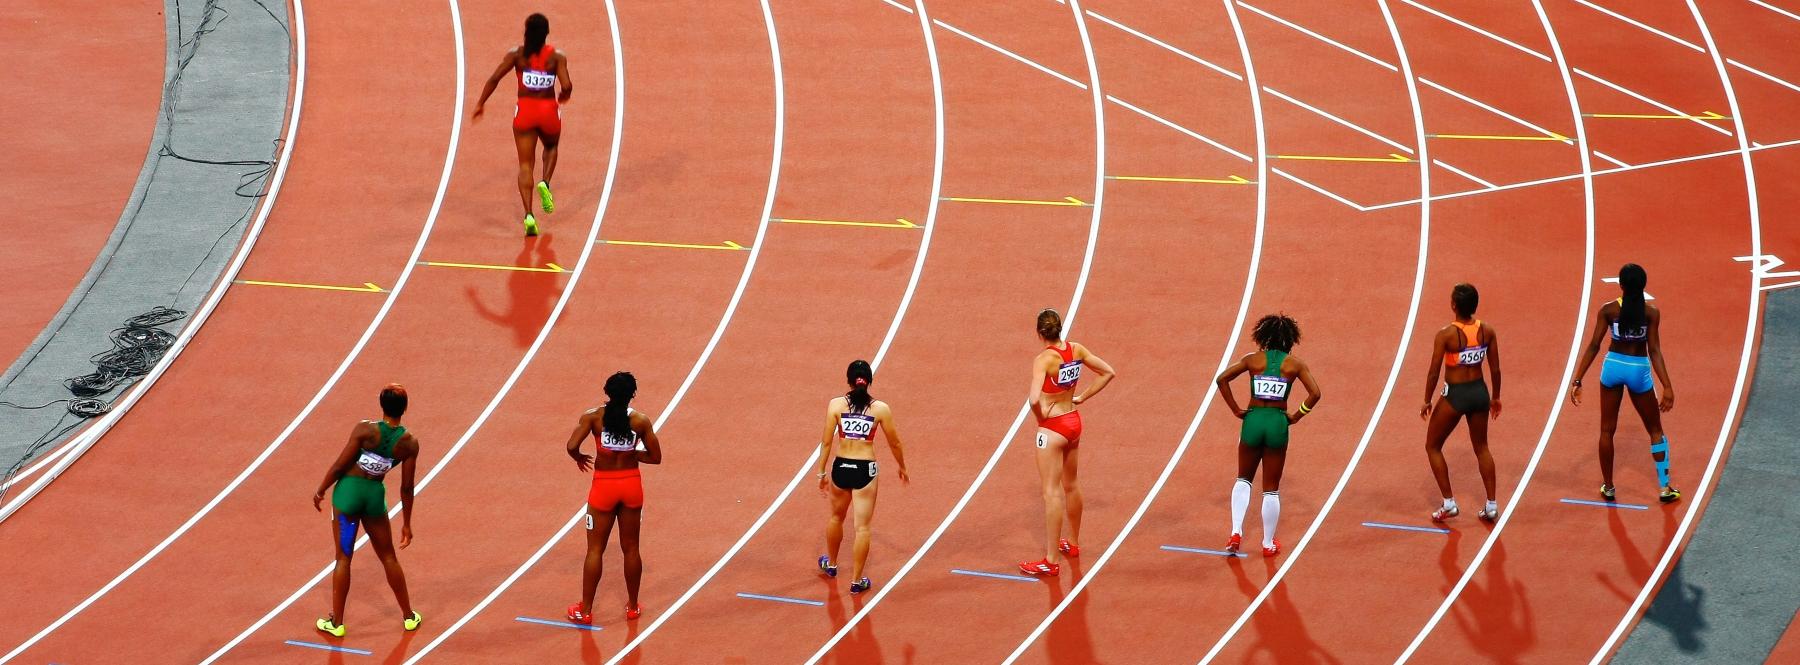 Mujer y deporte en Gazella: una nueva app de running